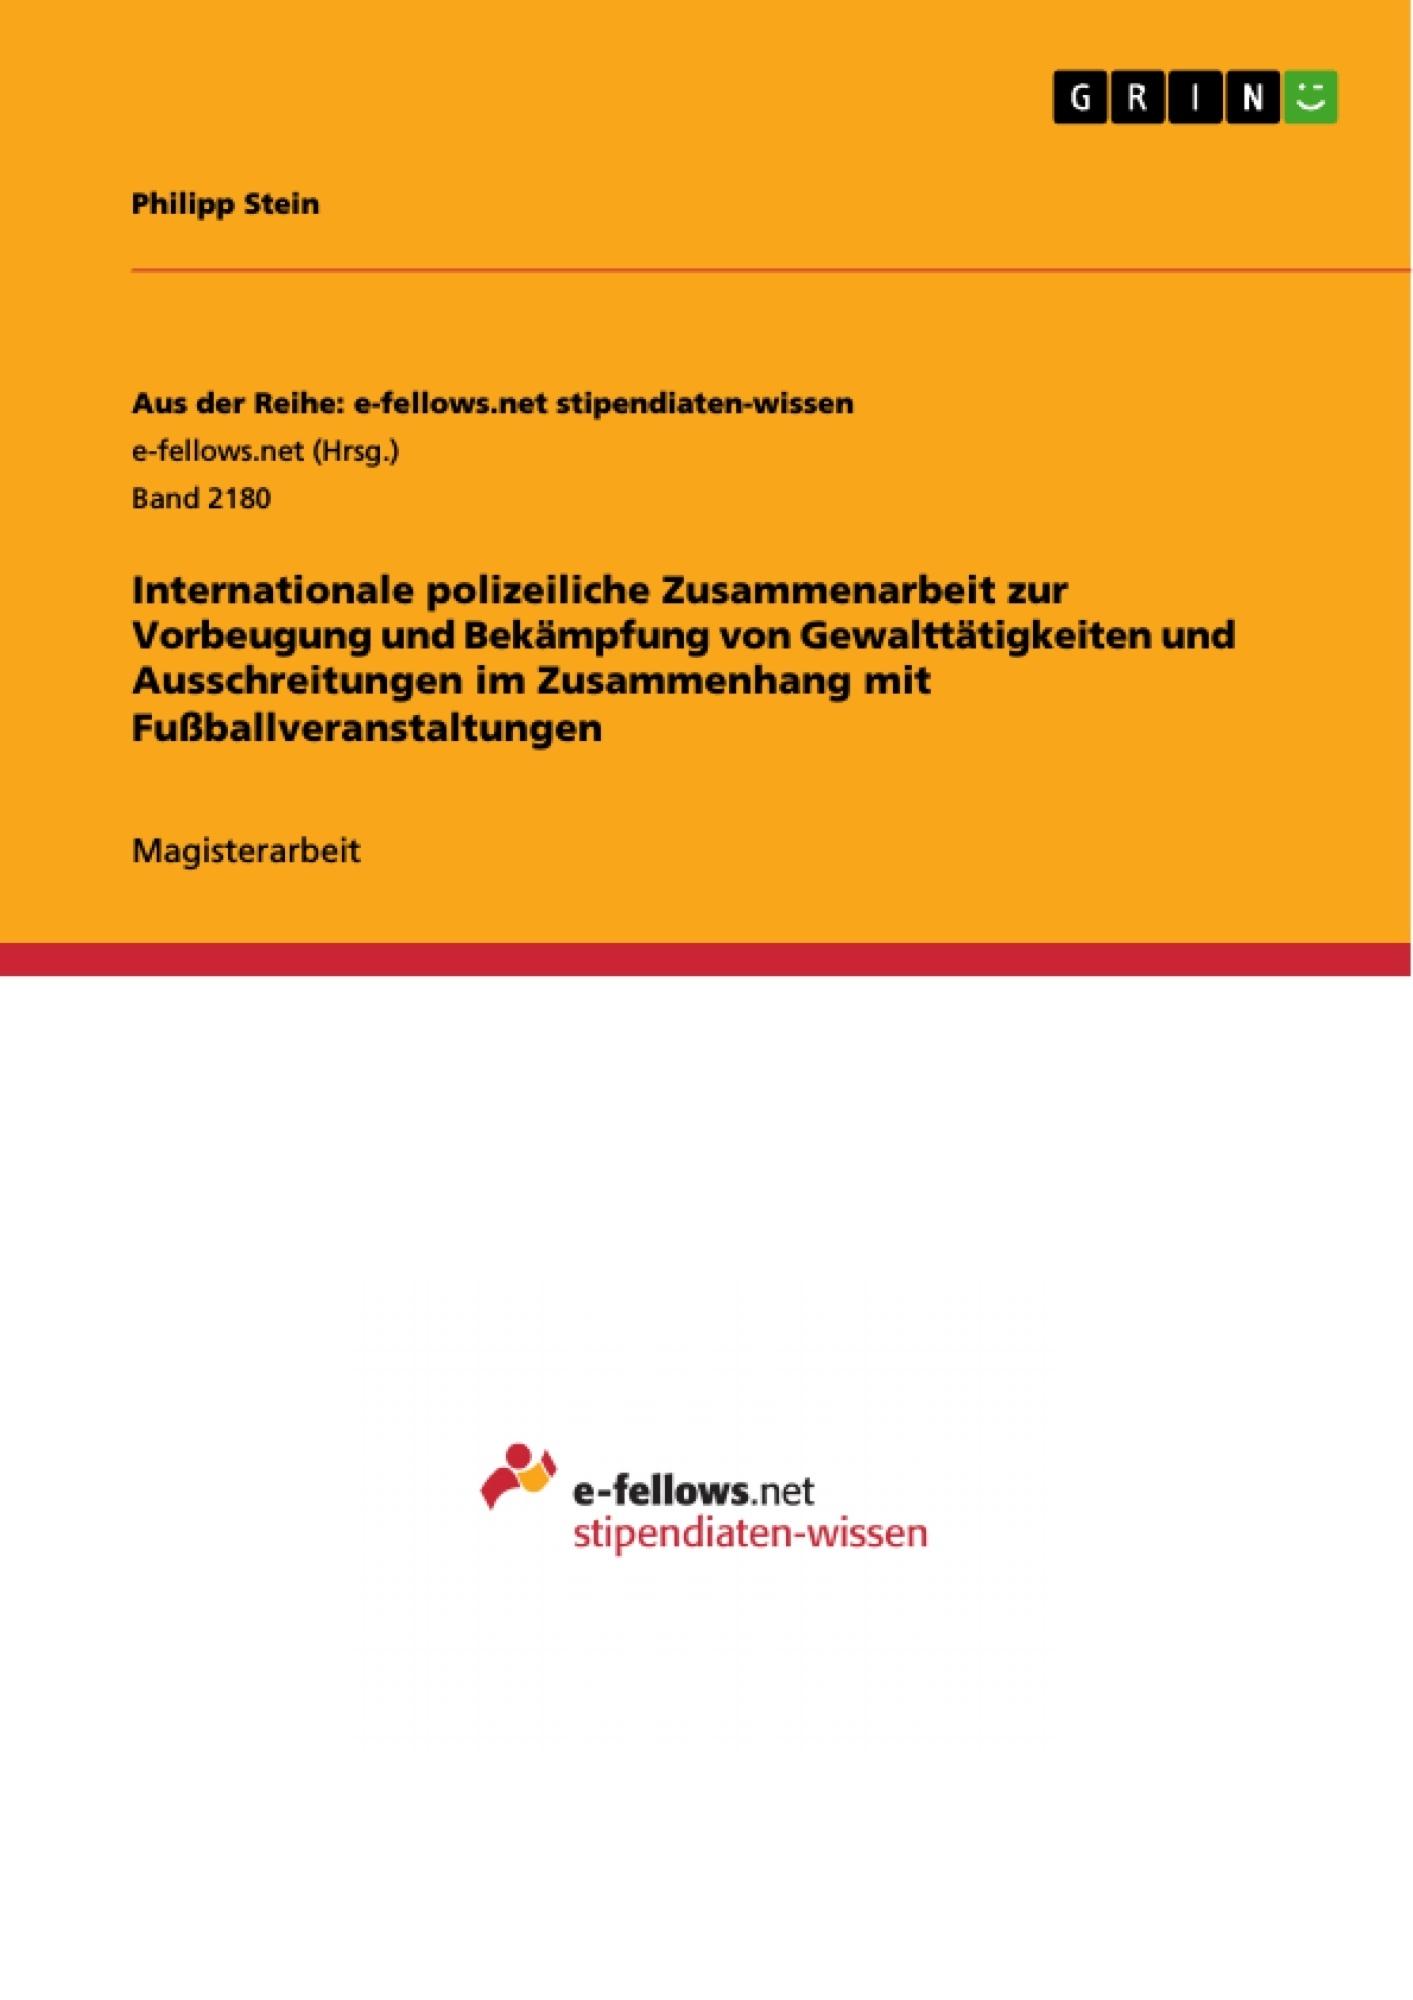 Titel: Internationale polizeiliche Zusammenarbeit zur Vorbeugung und Bekämpfung von Gewalttätigkeiten und Ausschreitungen im Zusammenhang mit Fußballveranstaltungen